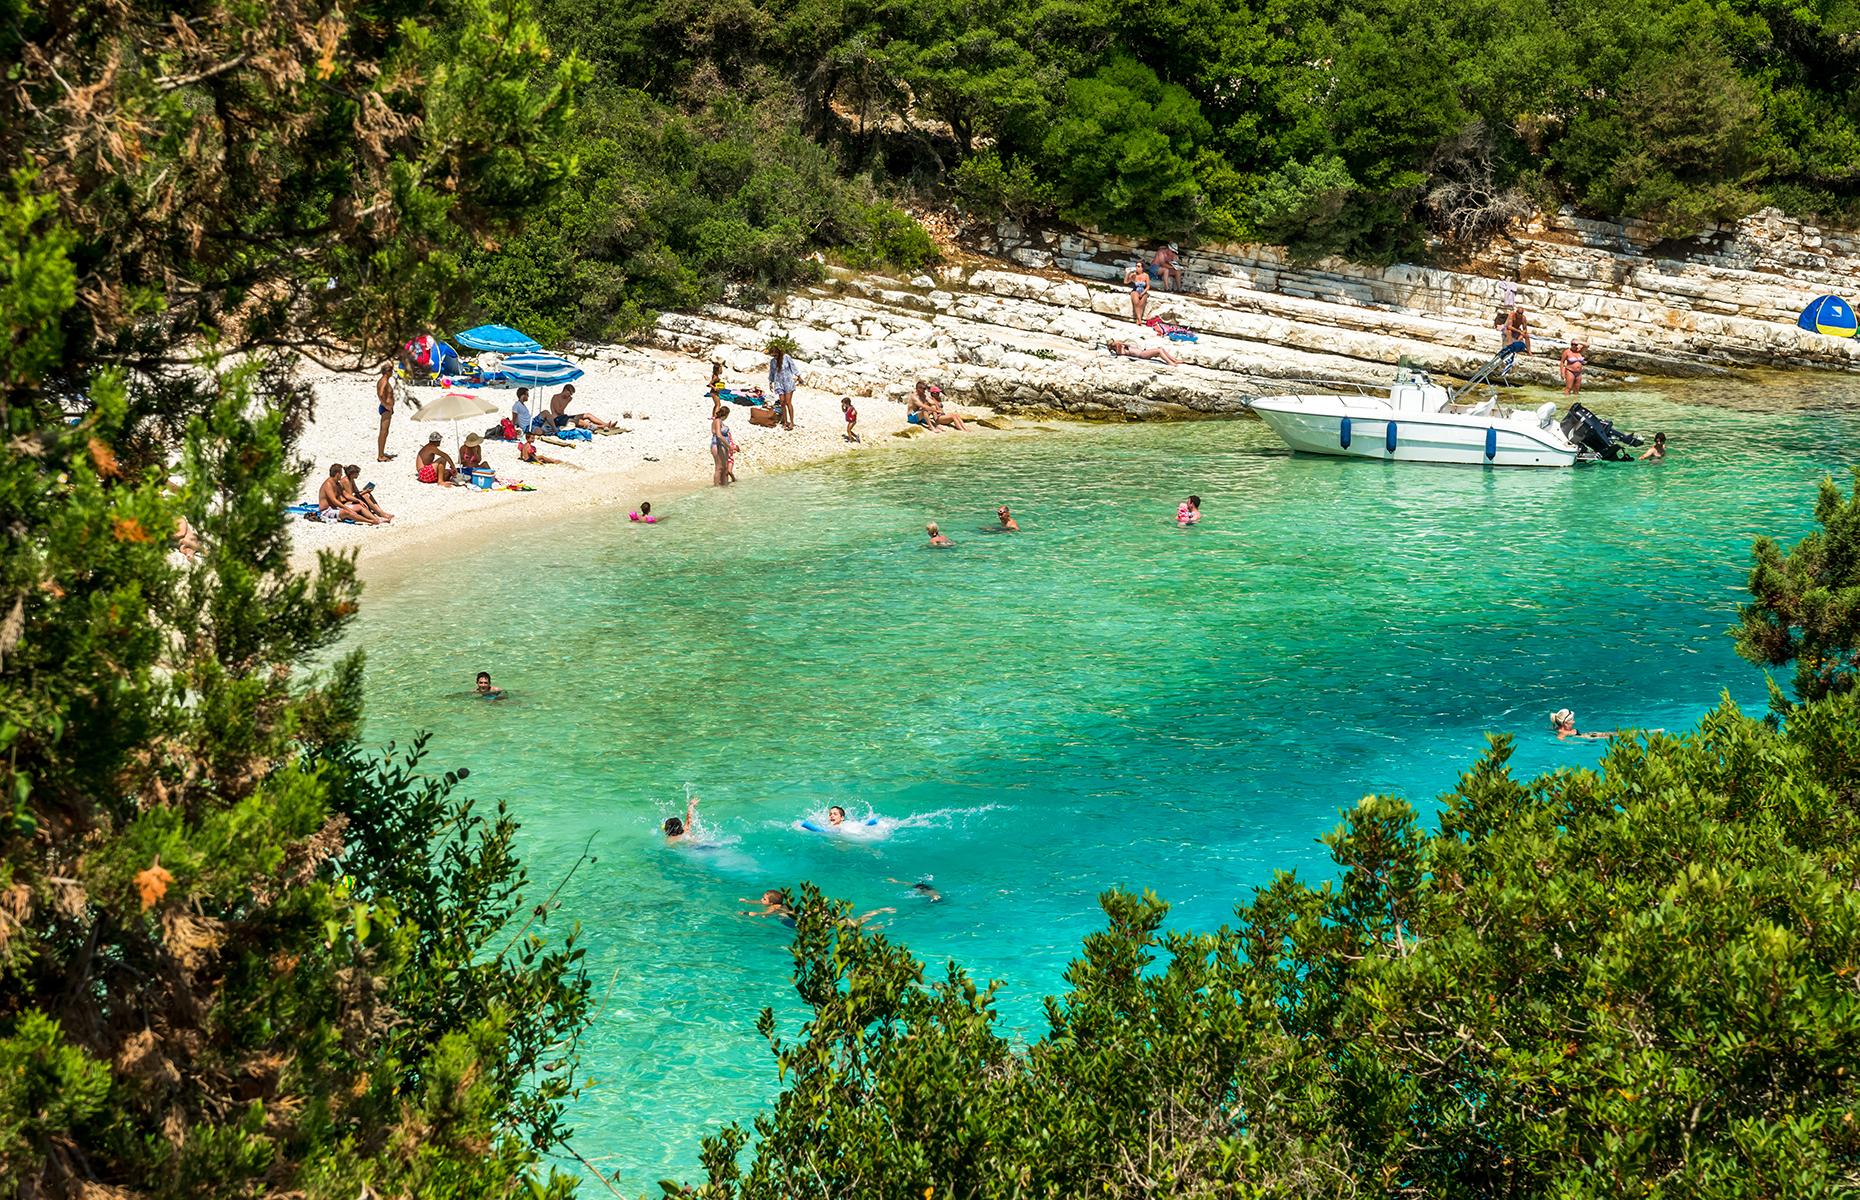 Emblisi Beach (Image: Lucian BOLCA/Shutterstock)